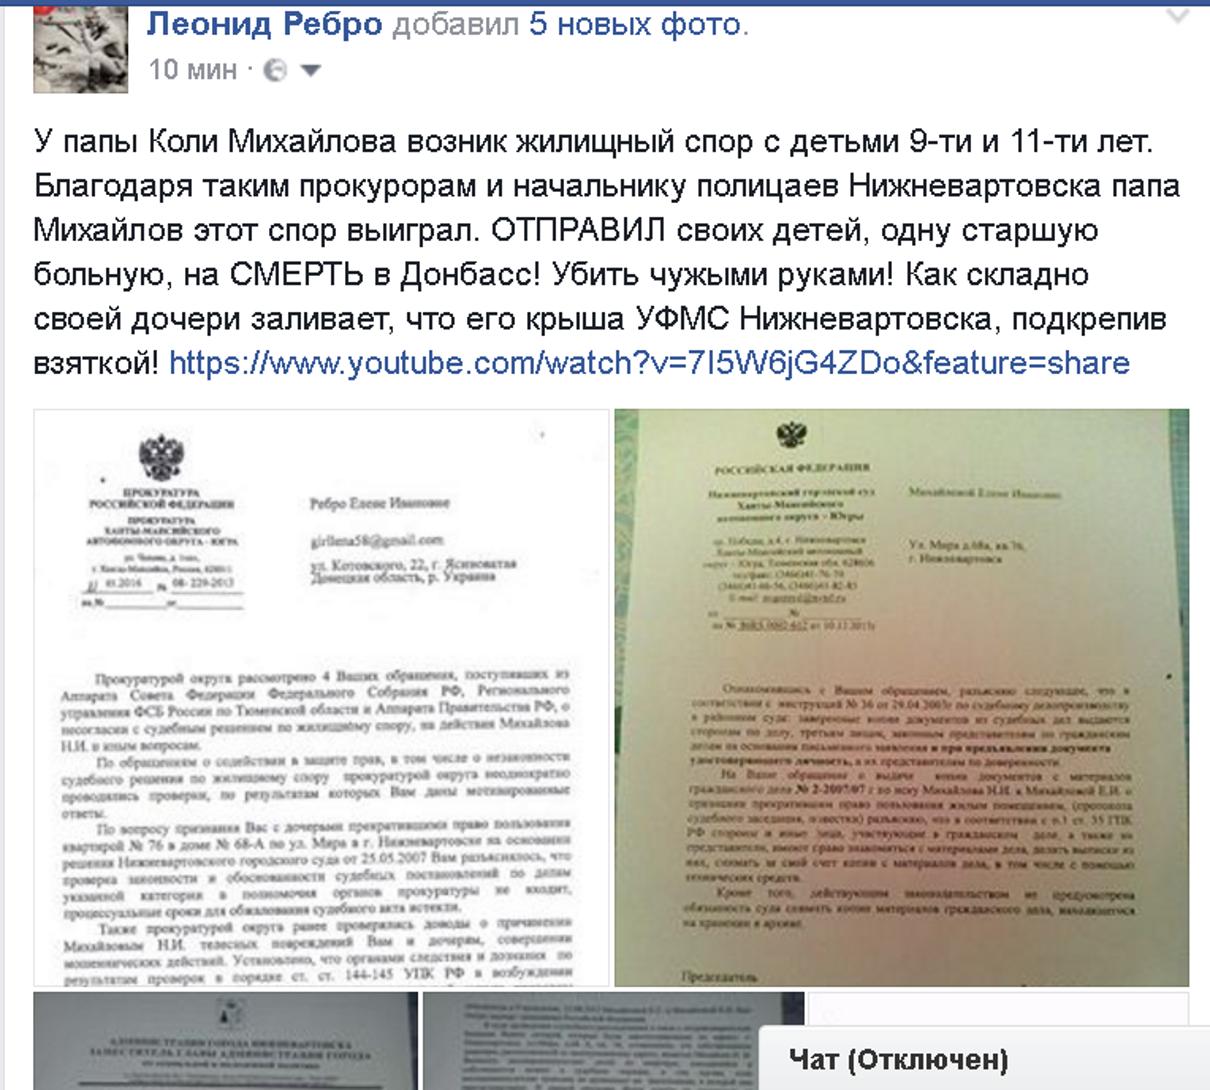 Жалоба-отзыв: Прокуратура РФ - Вы видели смерть в 17-ть лет?.  Фото №4